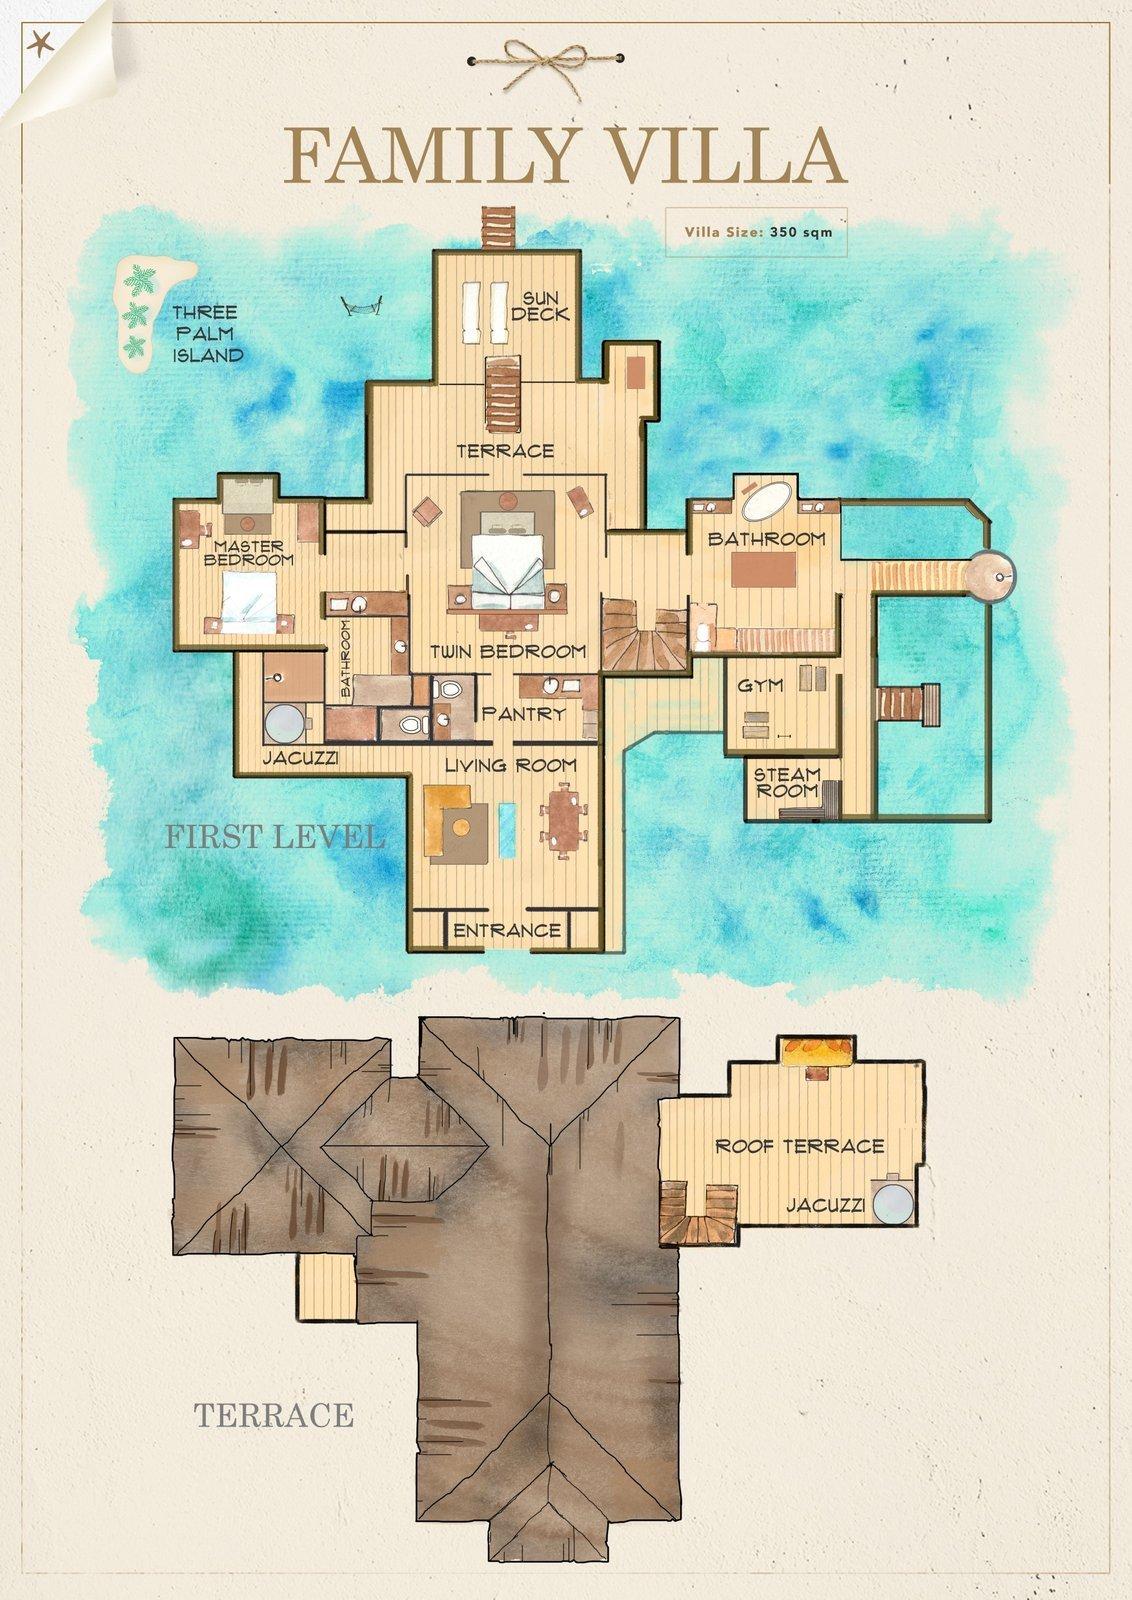 Мальдивы, отель Gili Lankanfushi Maldives, план-схема номера Family Villa